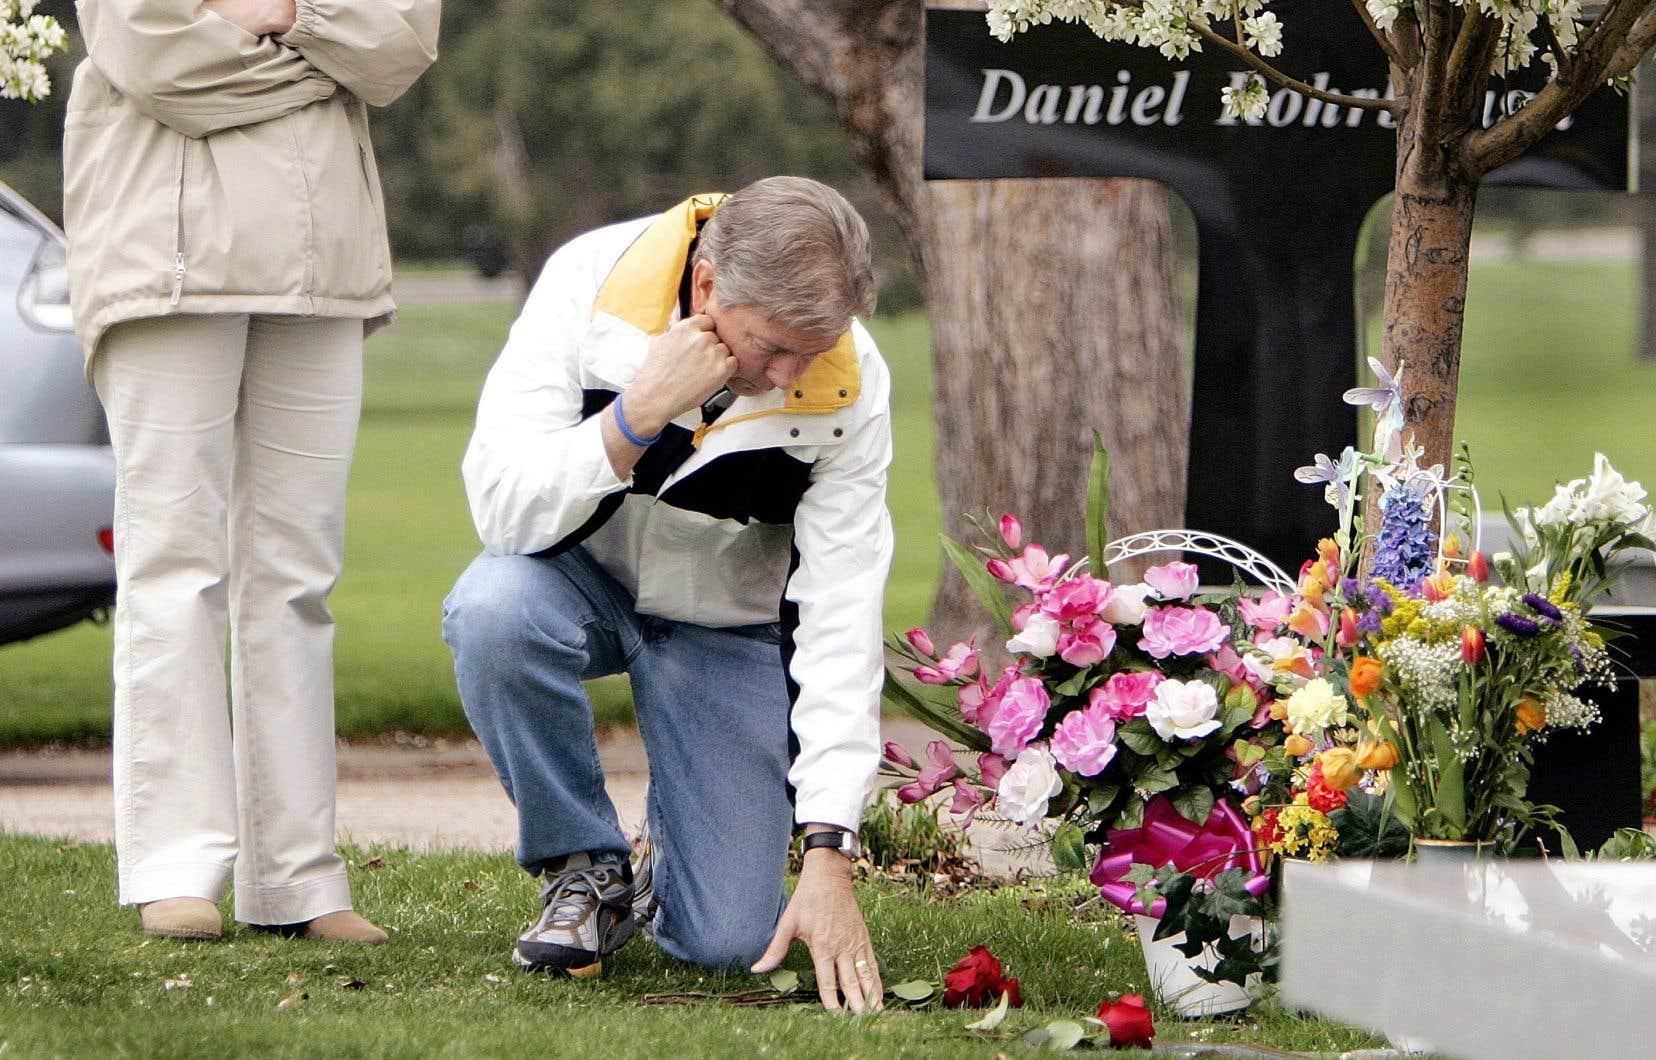 Darrell Scott touchant le sol où sa fille Rachel est enterrée, en avril 2005, six ans après sa mort. La jeune fille est l'une des treize personnes qui sont tombées sous les balles de deux étudiants à l'école secondaire de Columbine, au Colorado, en 1999.